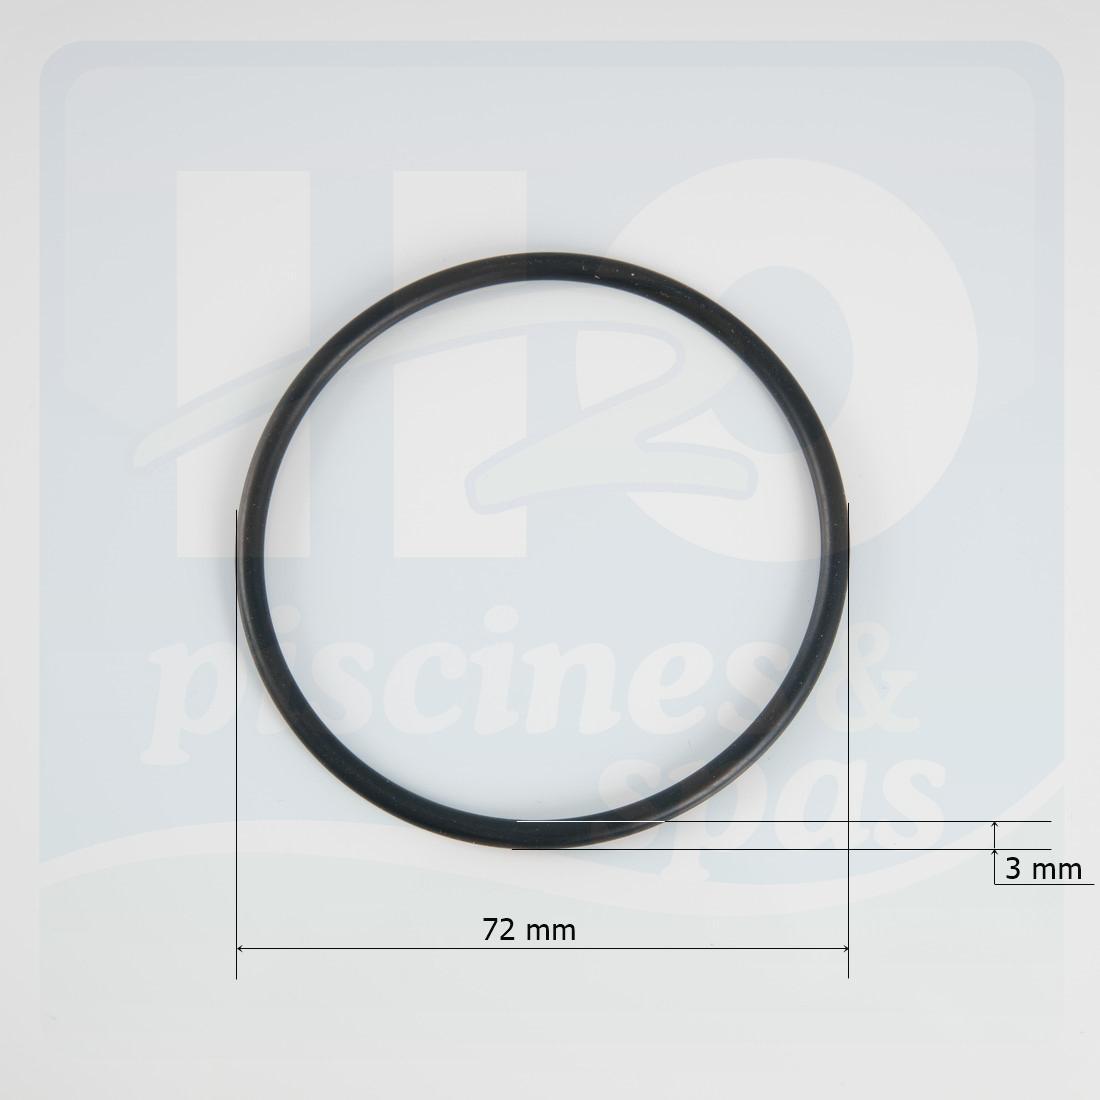 joint pour filtre piscine joint torique pour couvercle. Black Bedroom Furniture Sets. Home Design Ideas